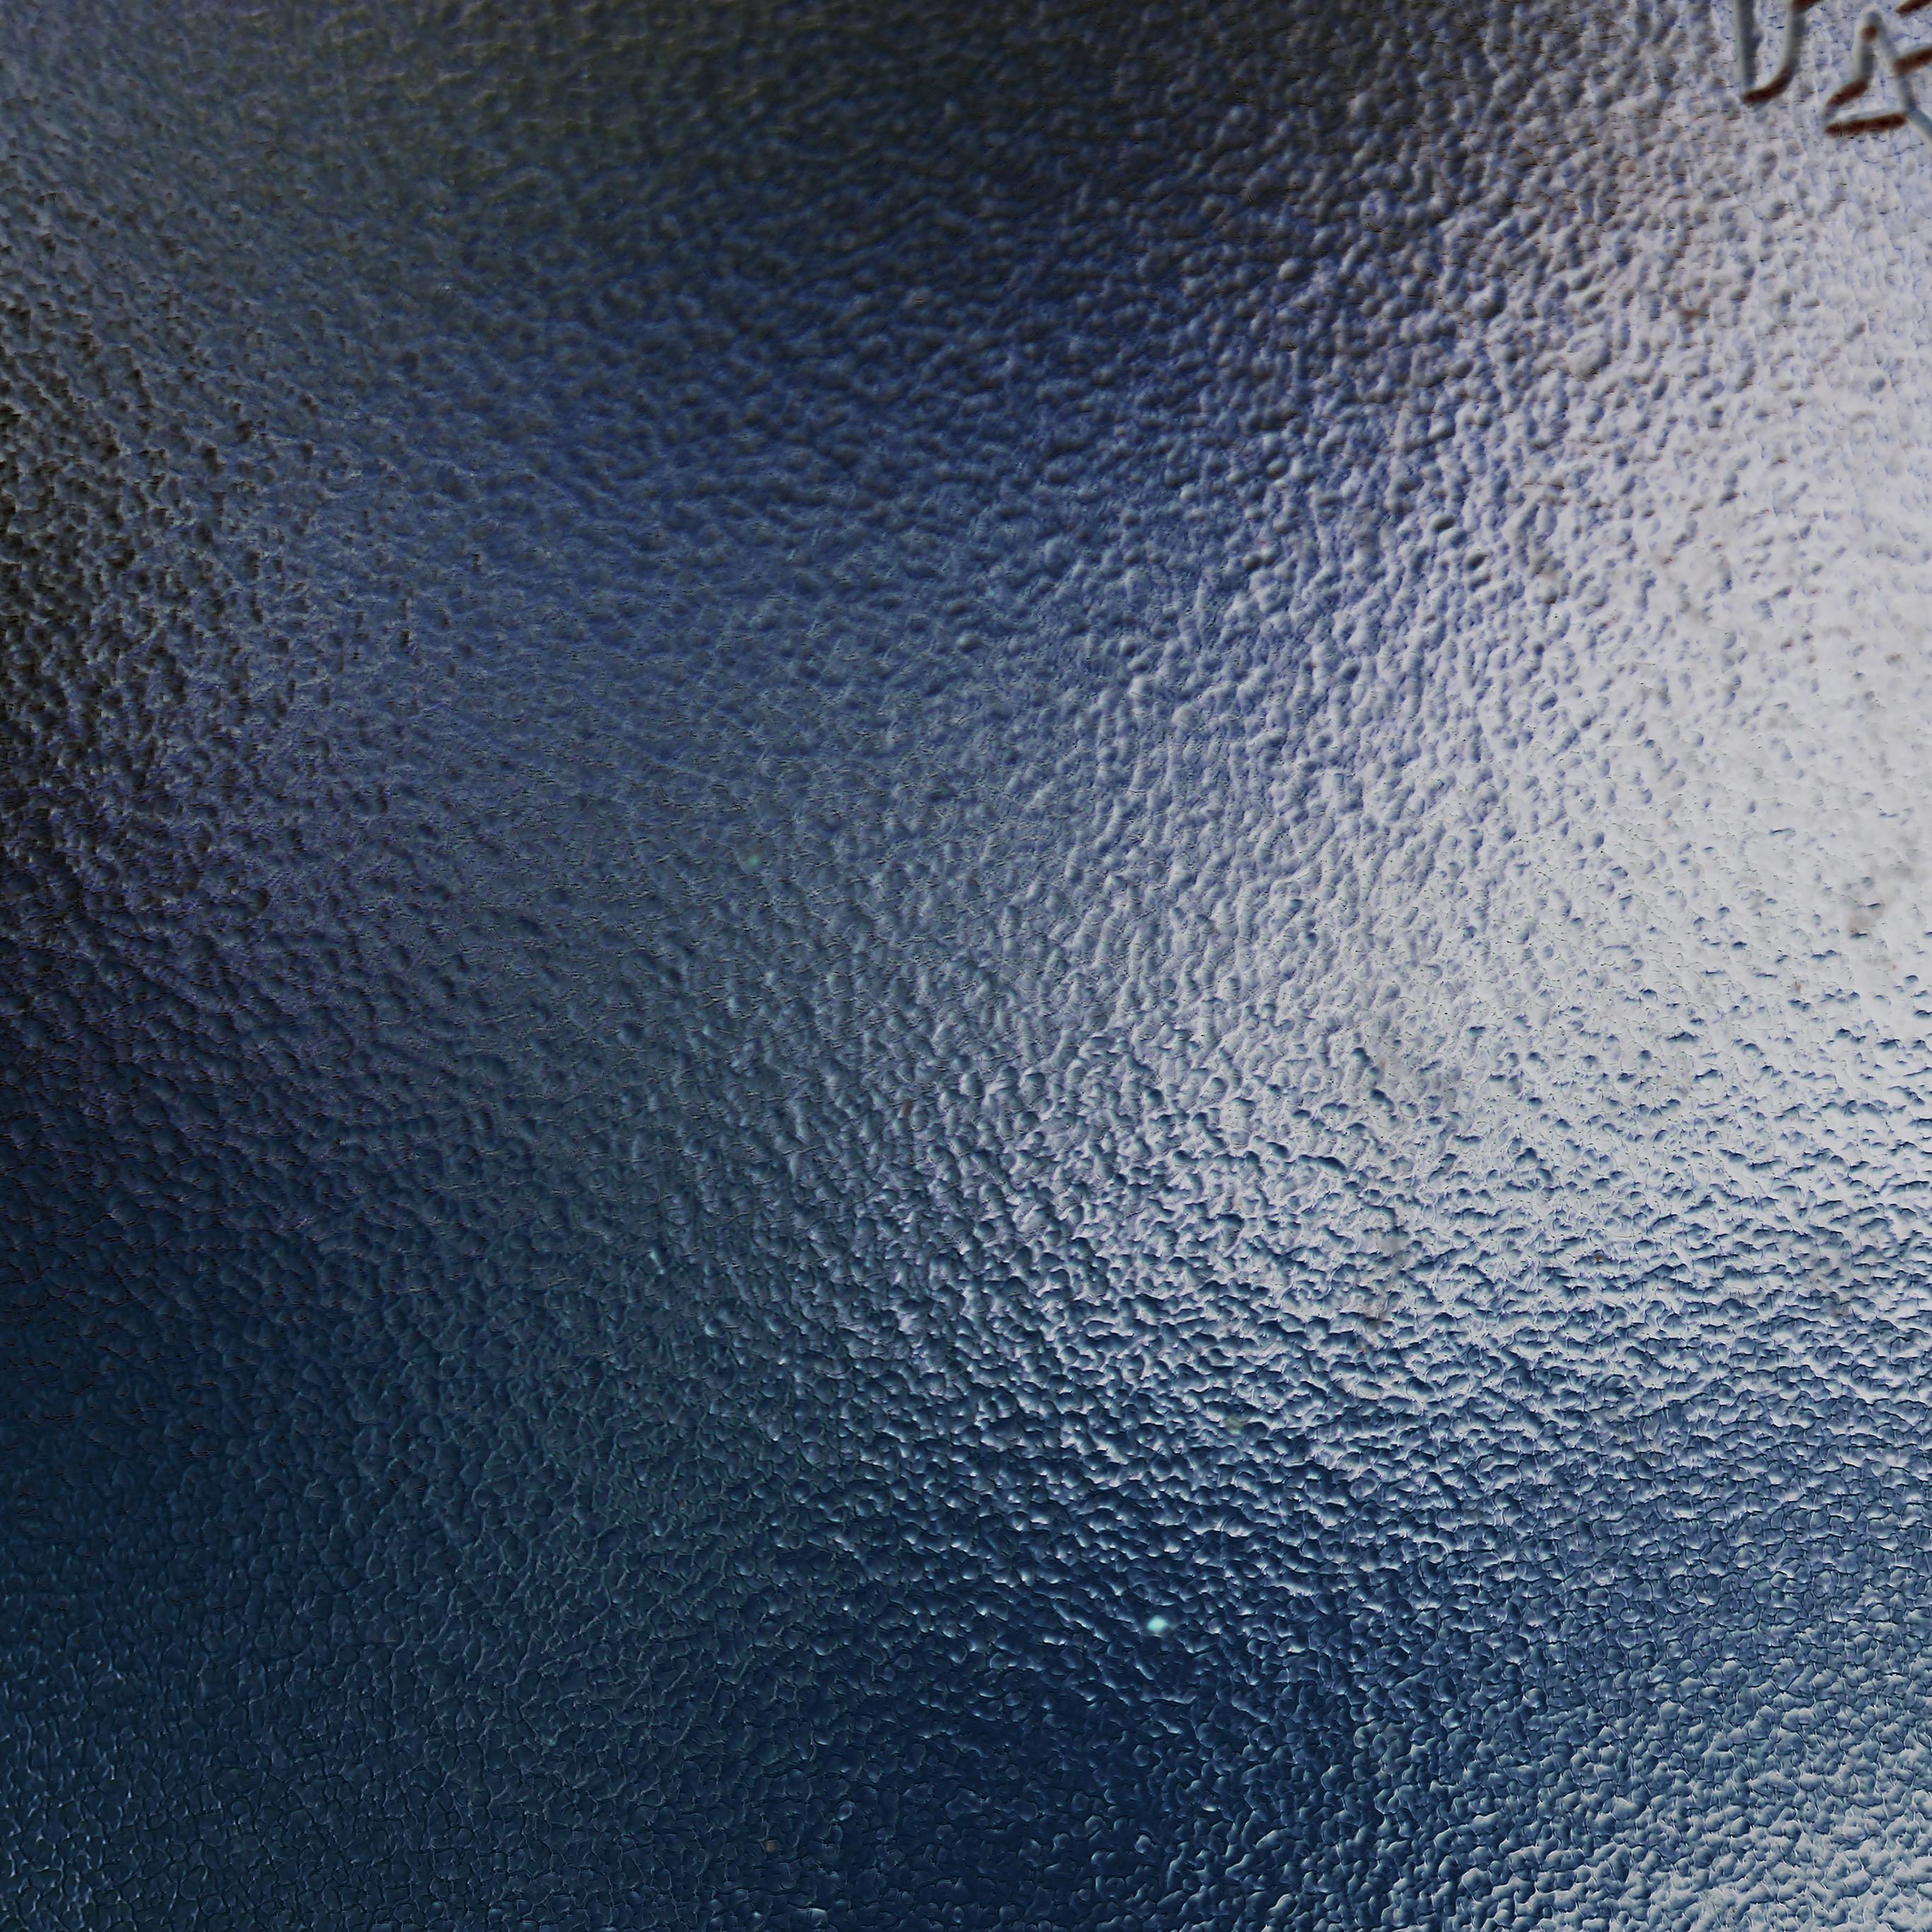 Glass Wallpaper: IPad Retina